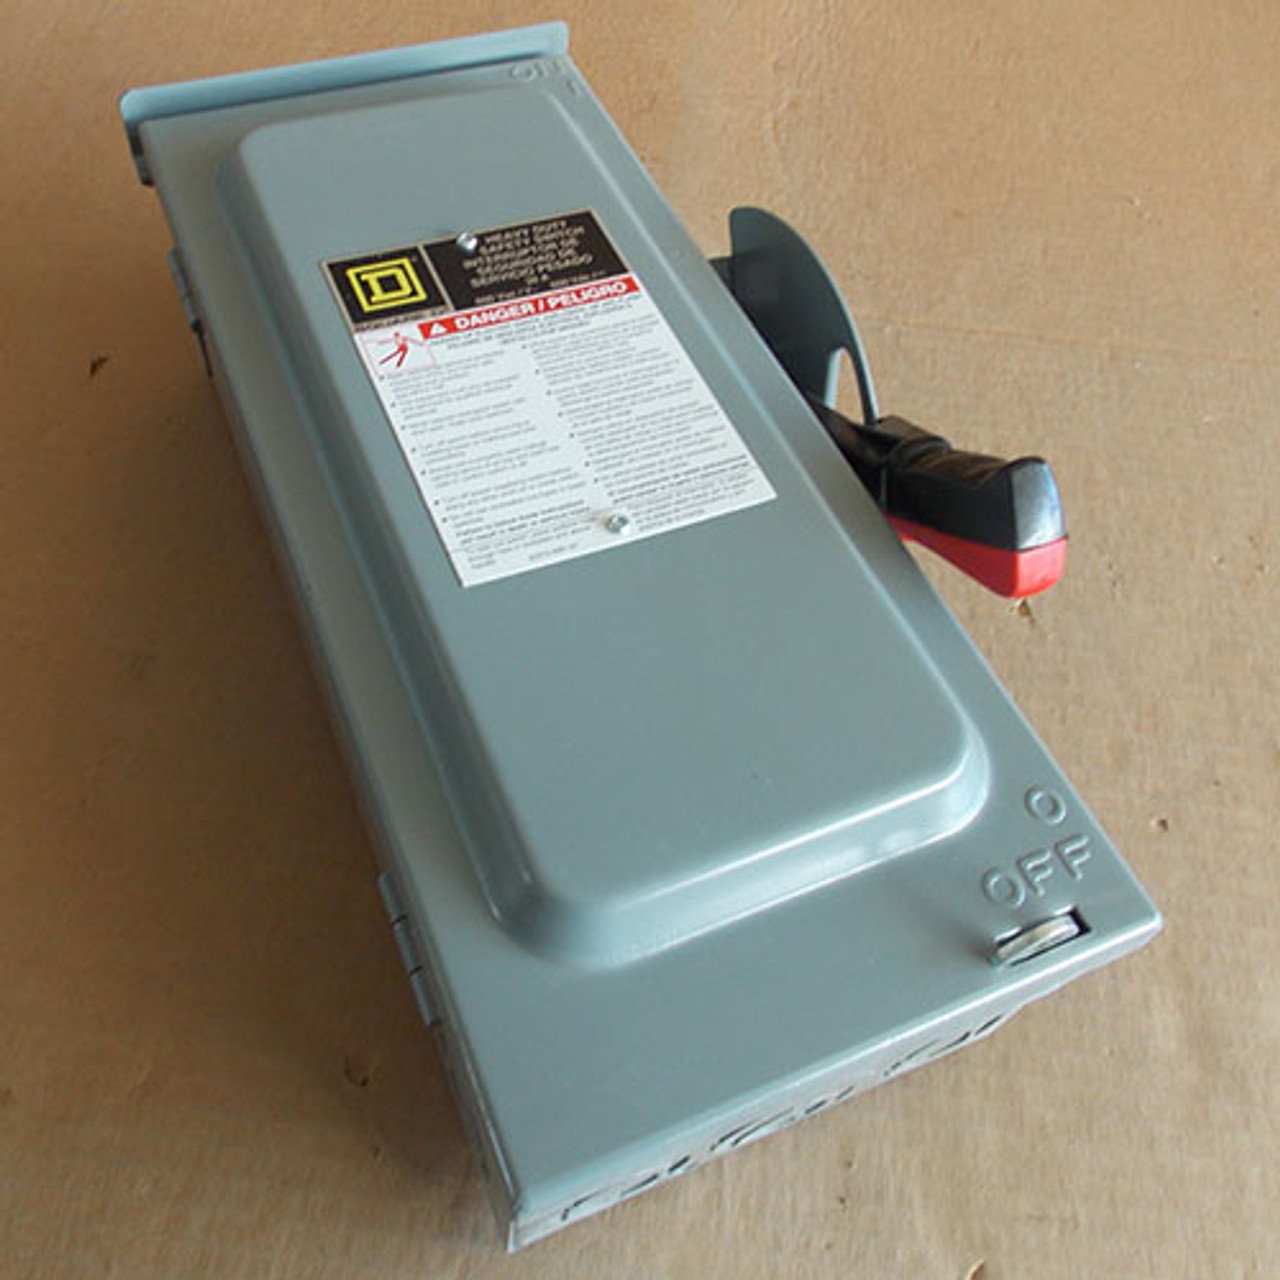 Square D HU361RB Heavy Duty NF Safety Switch 30A 600V Nema 3R - New